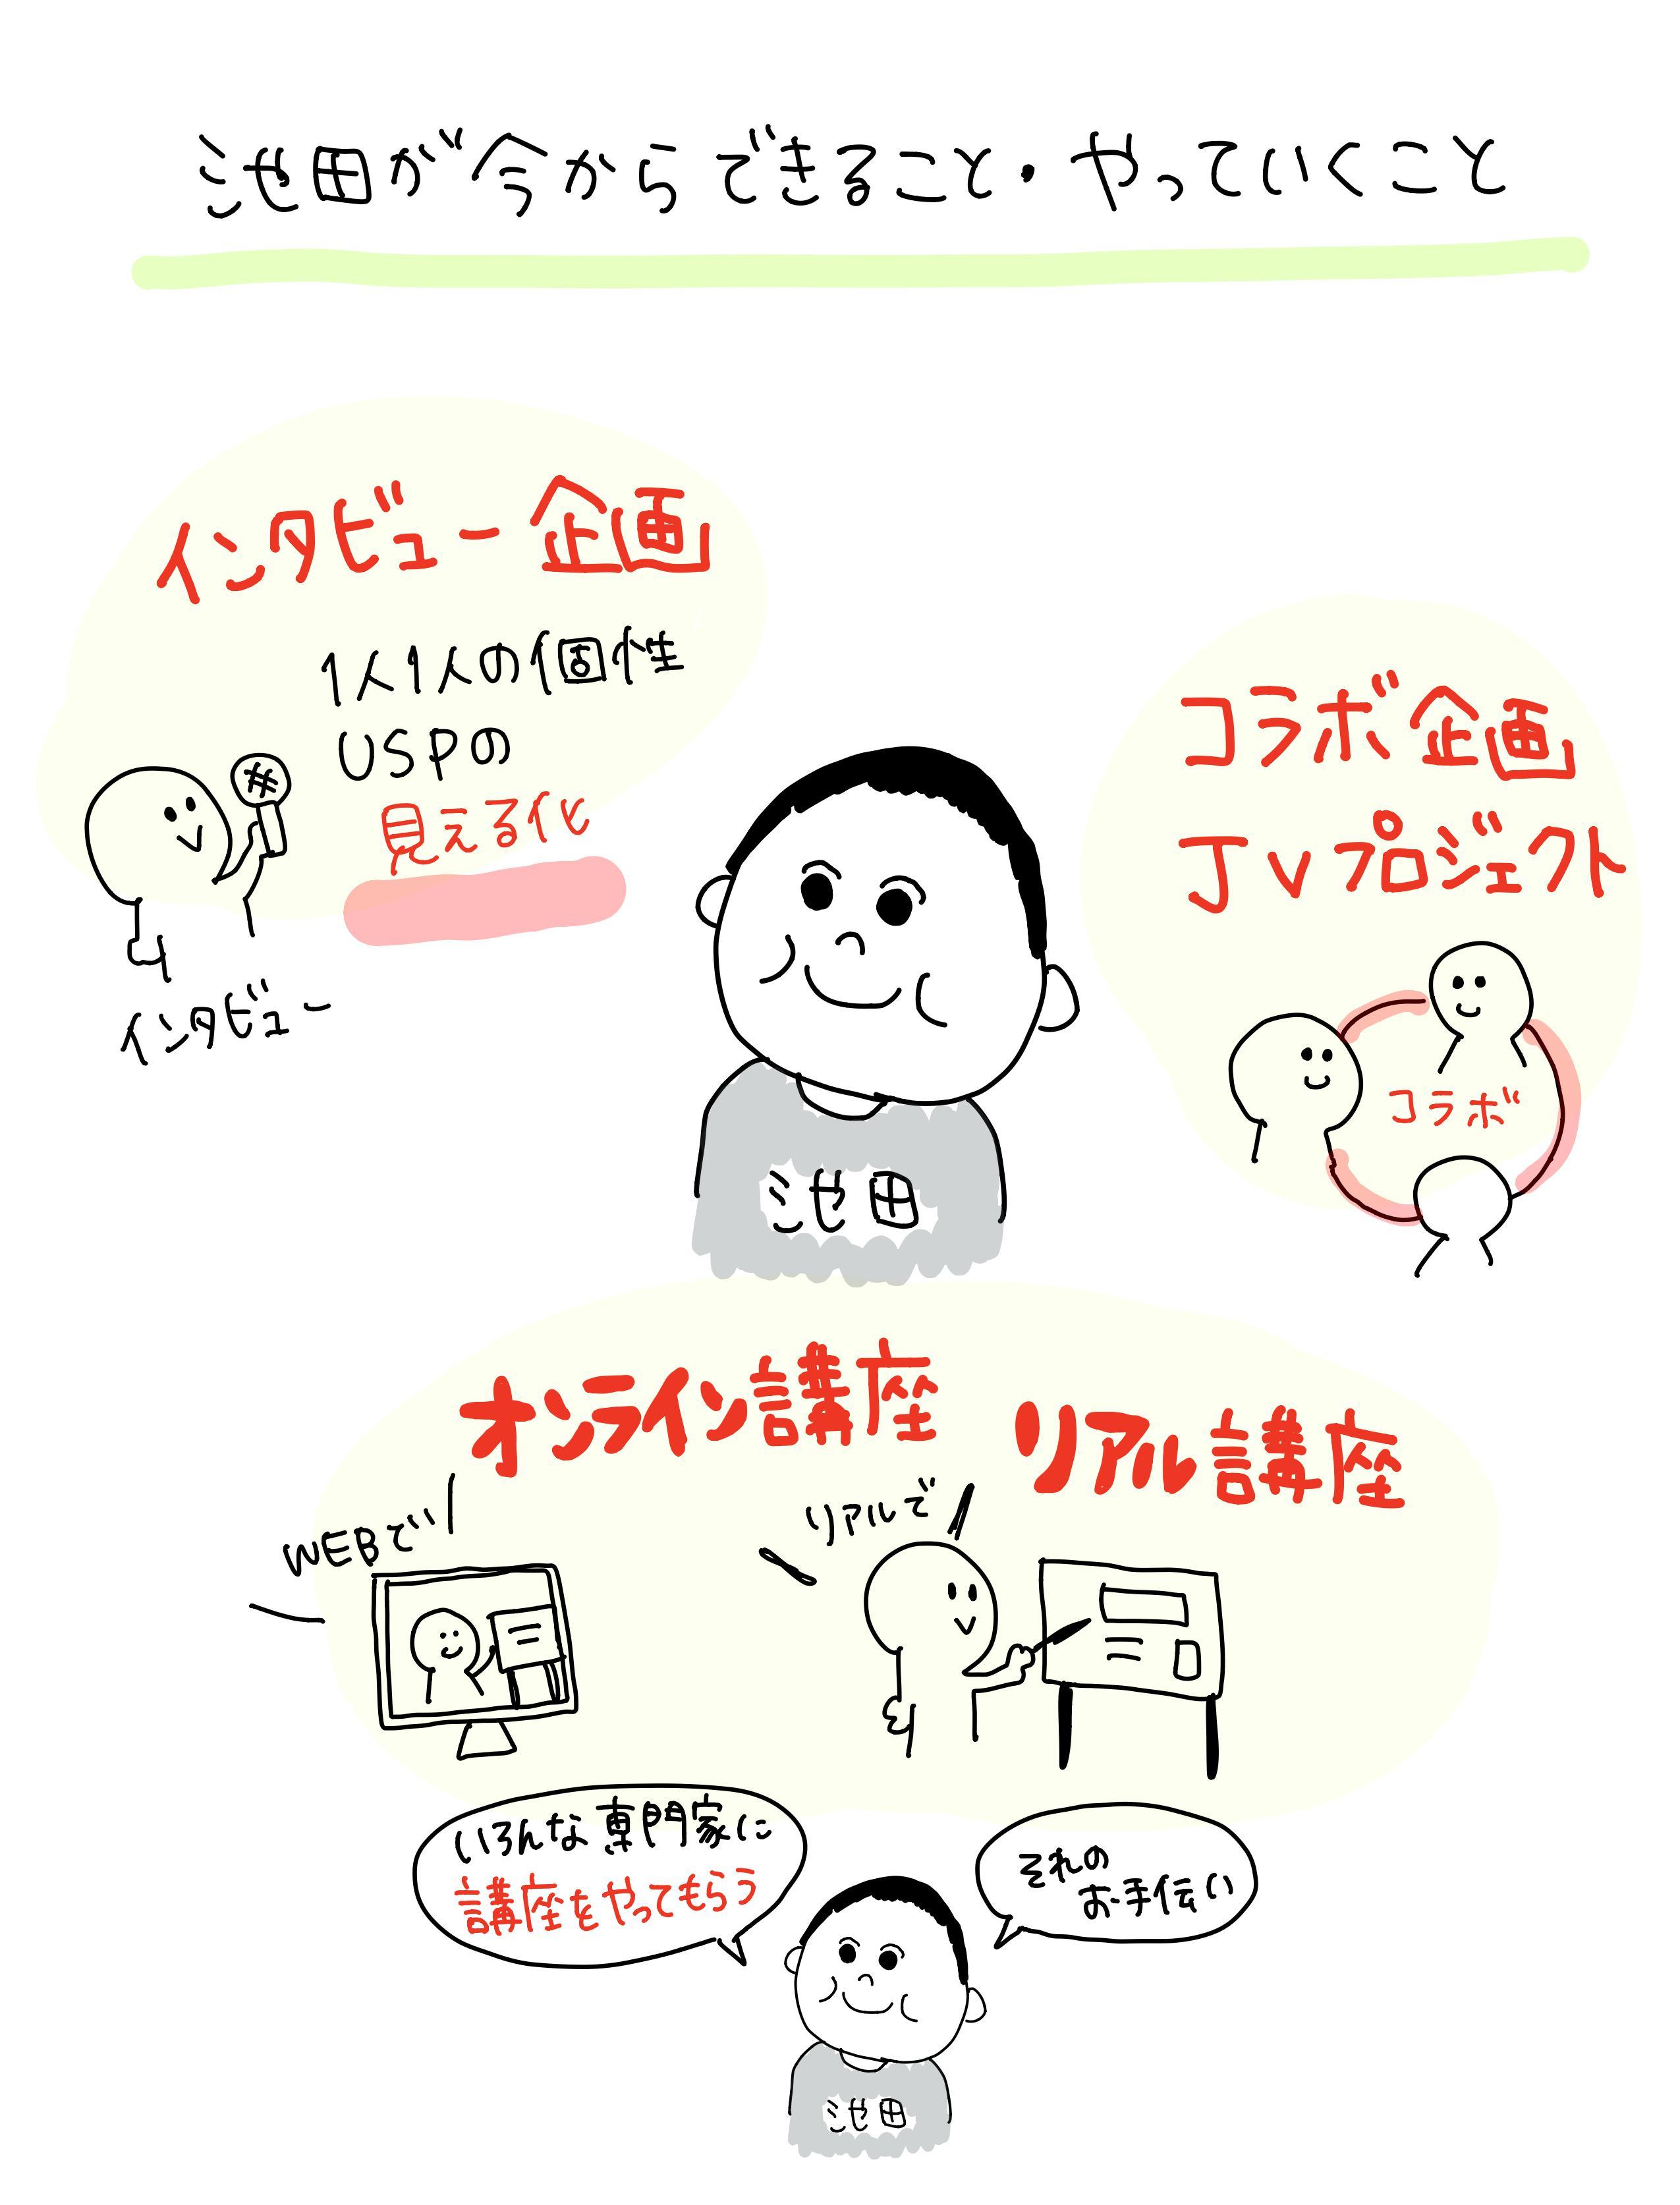 チームNo.1インタビュー企画・コラボ企画・オンライン講座